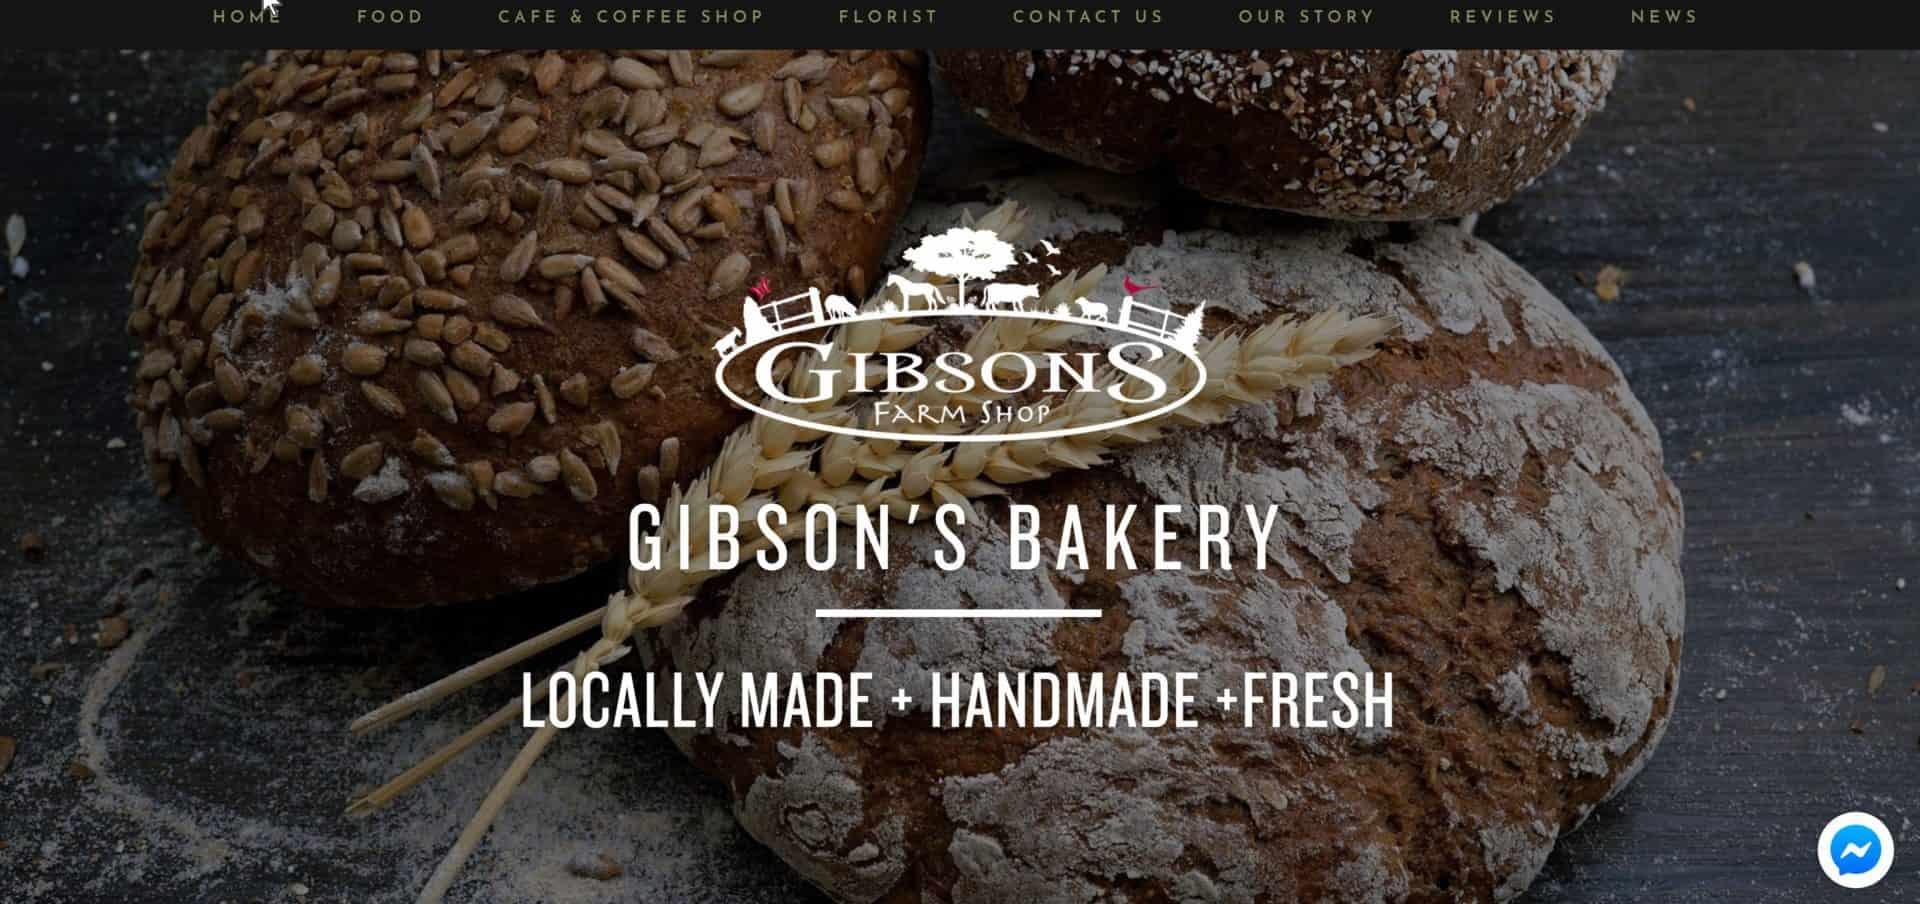 Bakery Website Design Idea by Blue Orbit Web Design